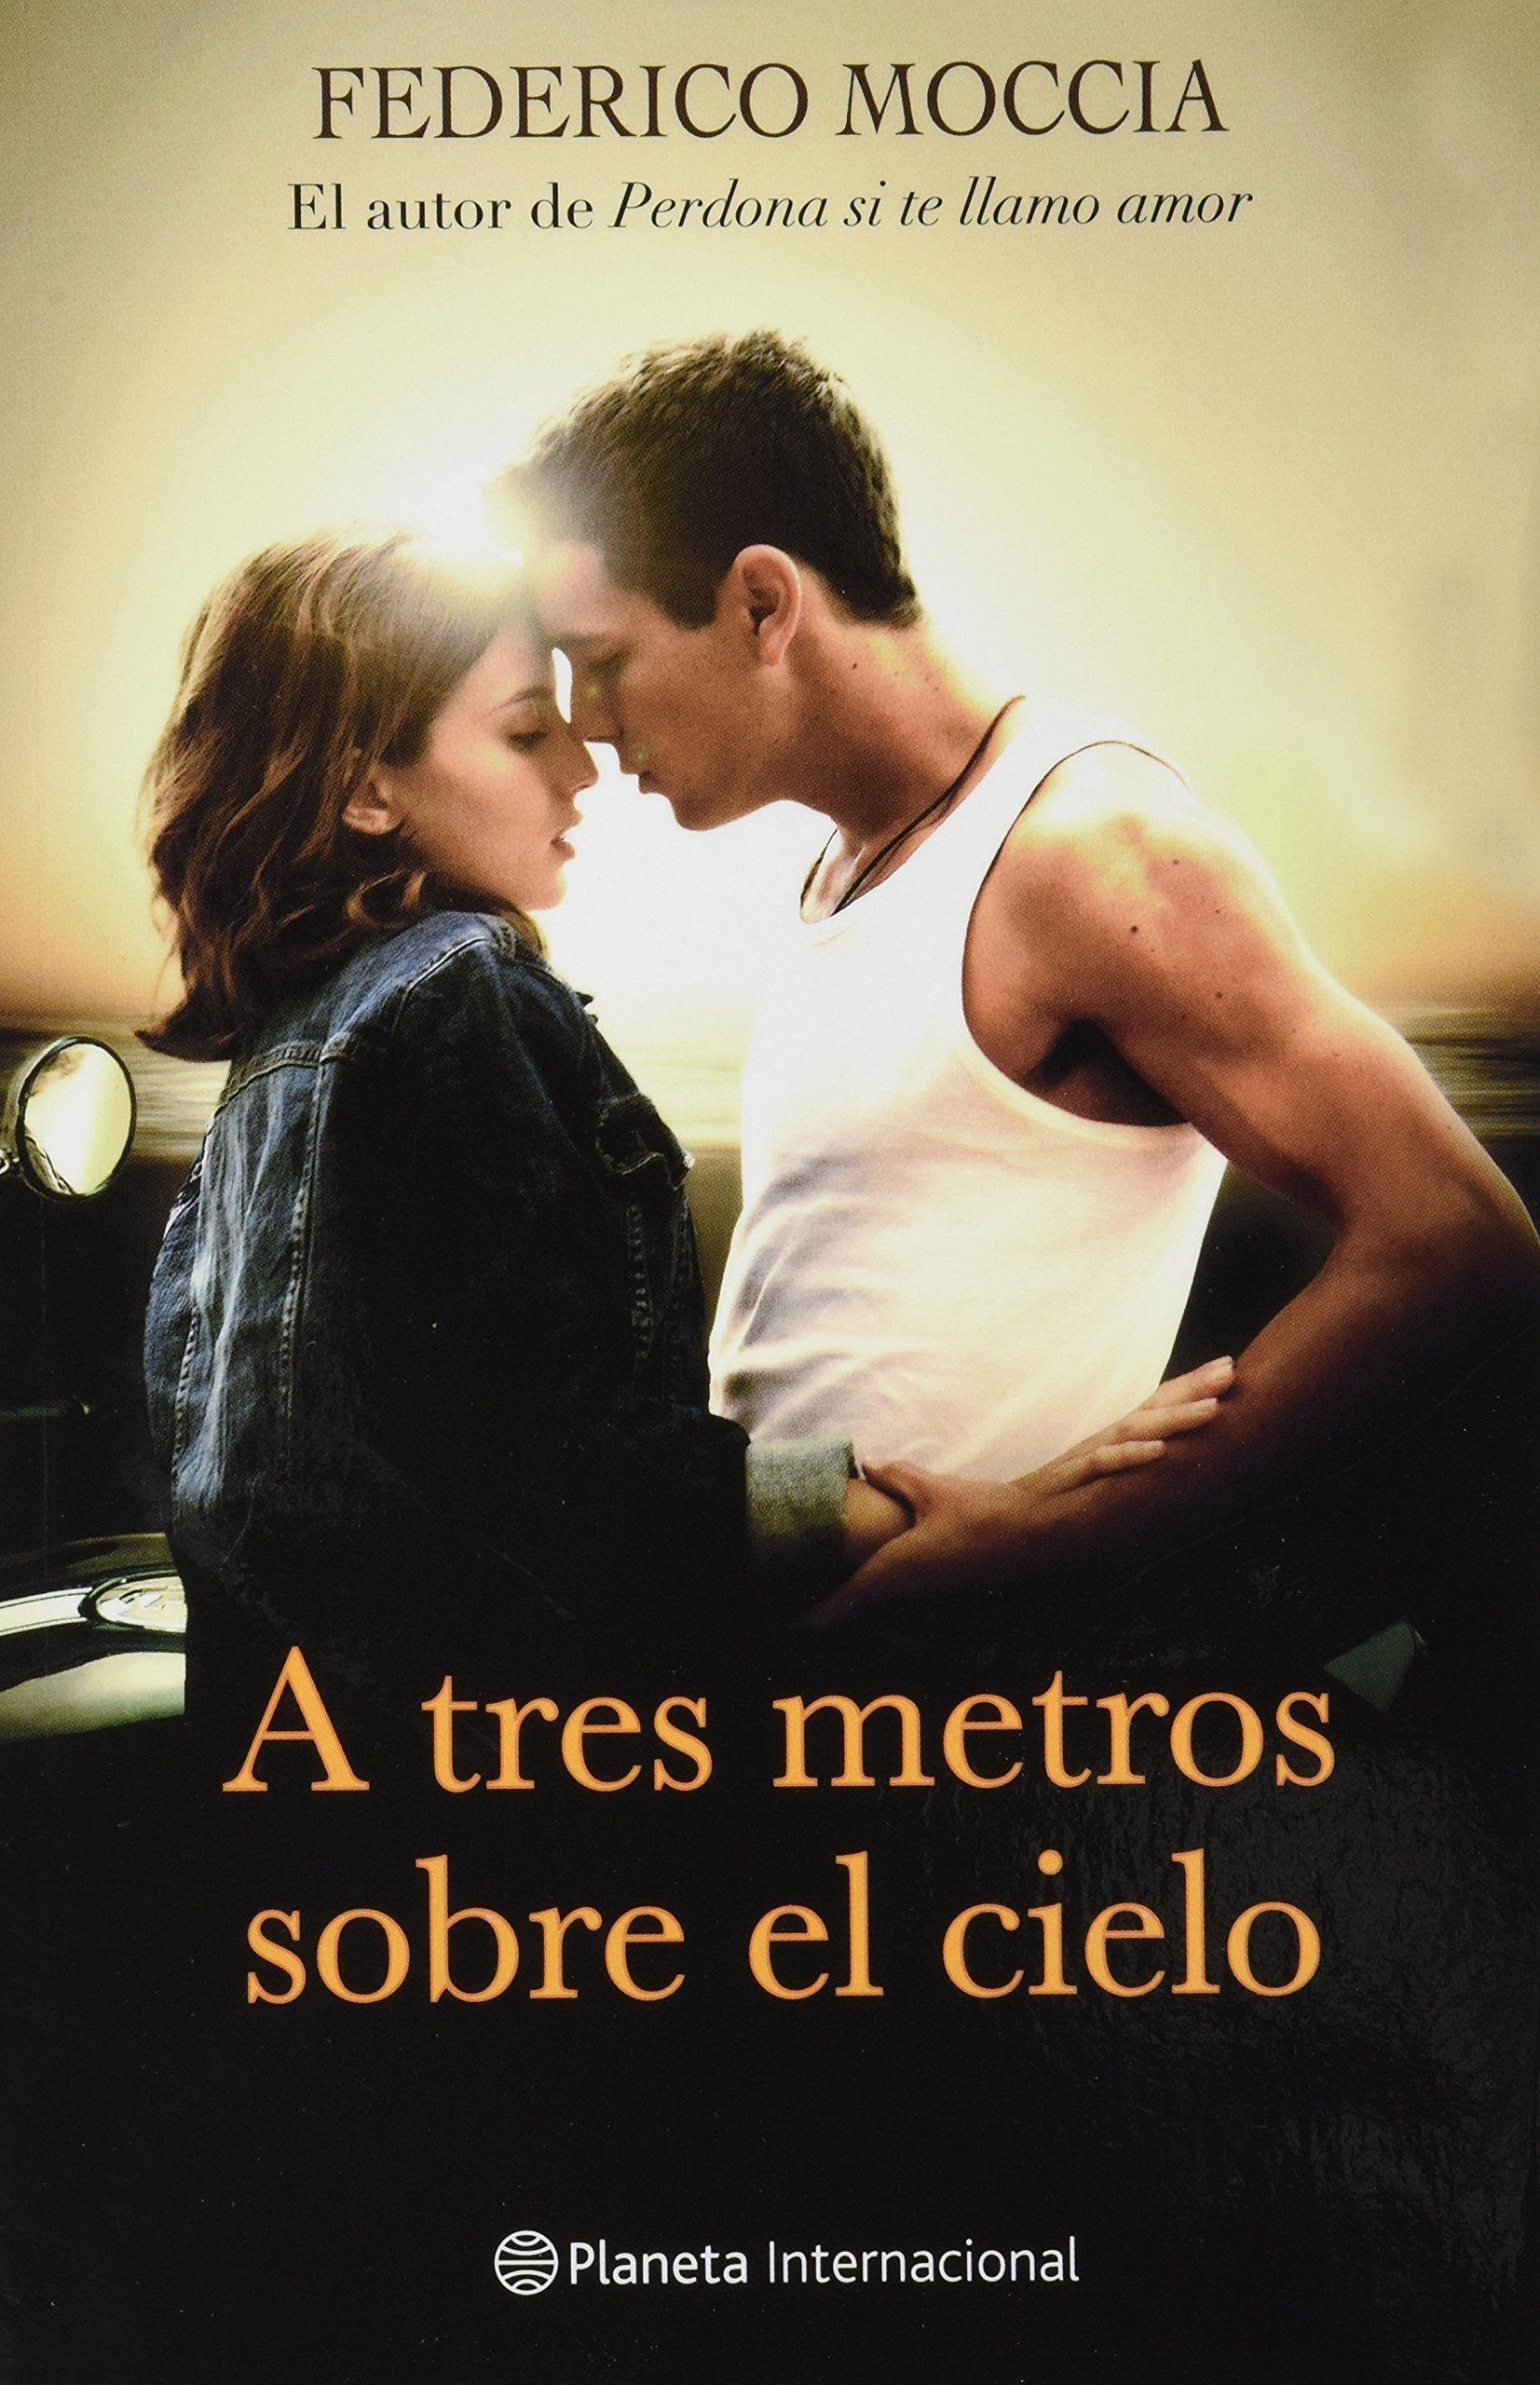 Pin De Milagros Jimenez En Book Cover 2 Peliculas De Amor Libros Para Adolescentes Peliculas De Adolecentes